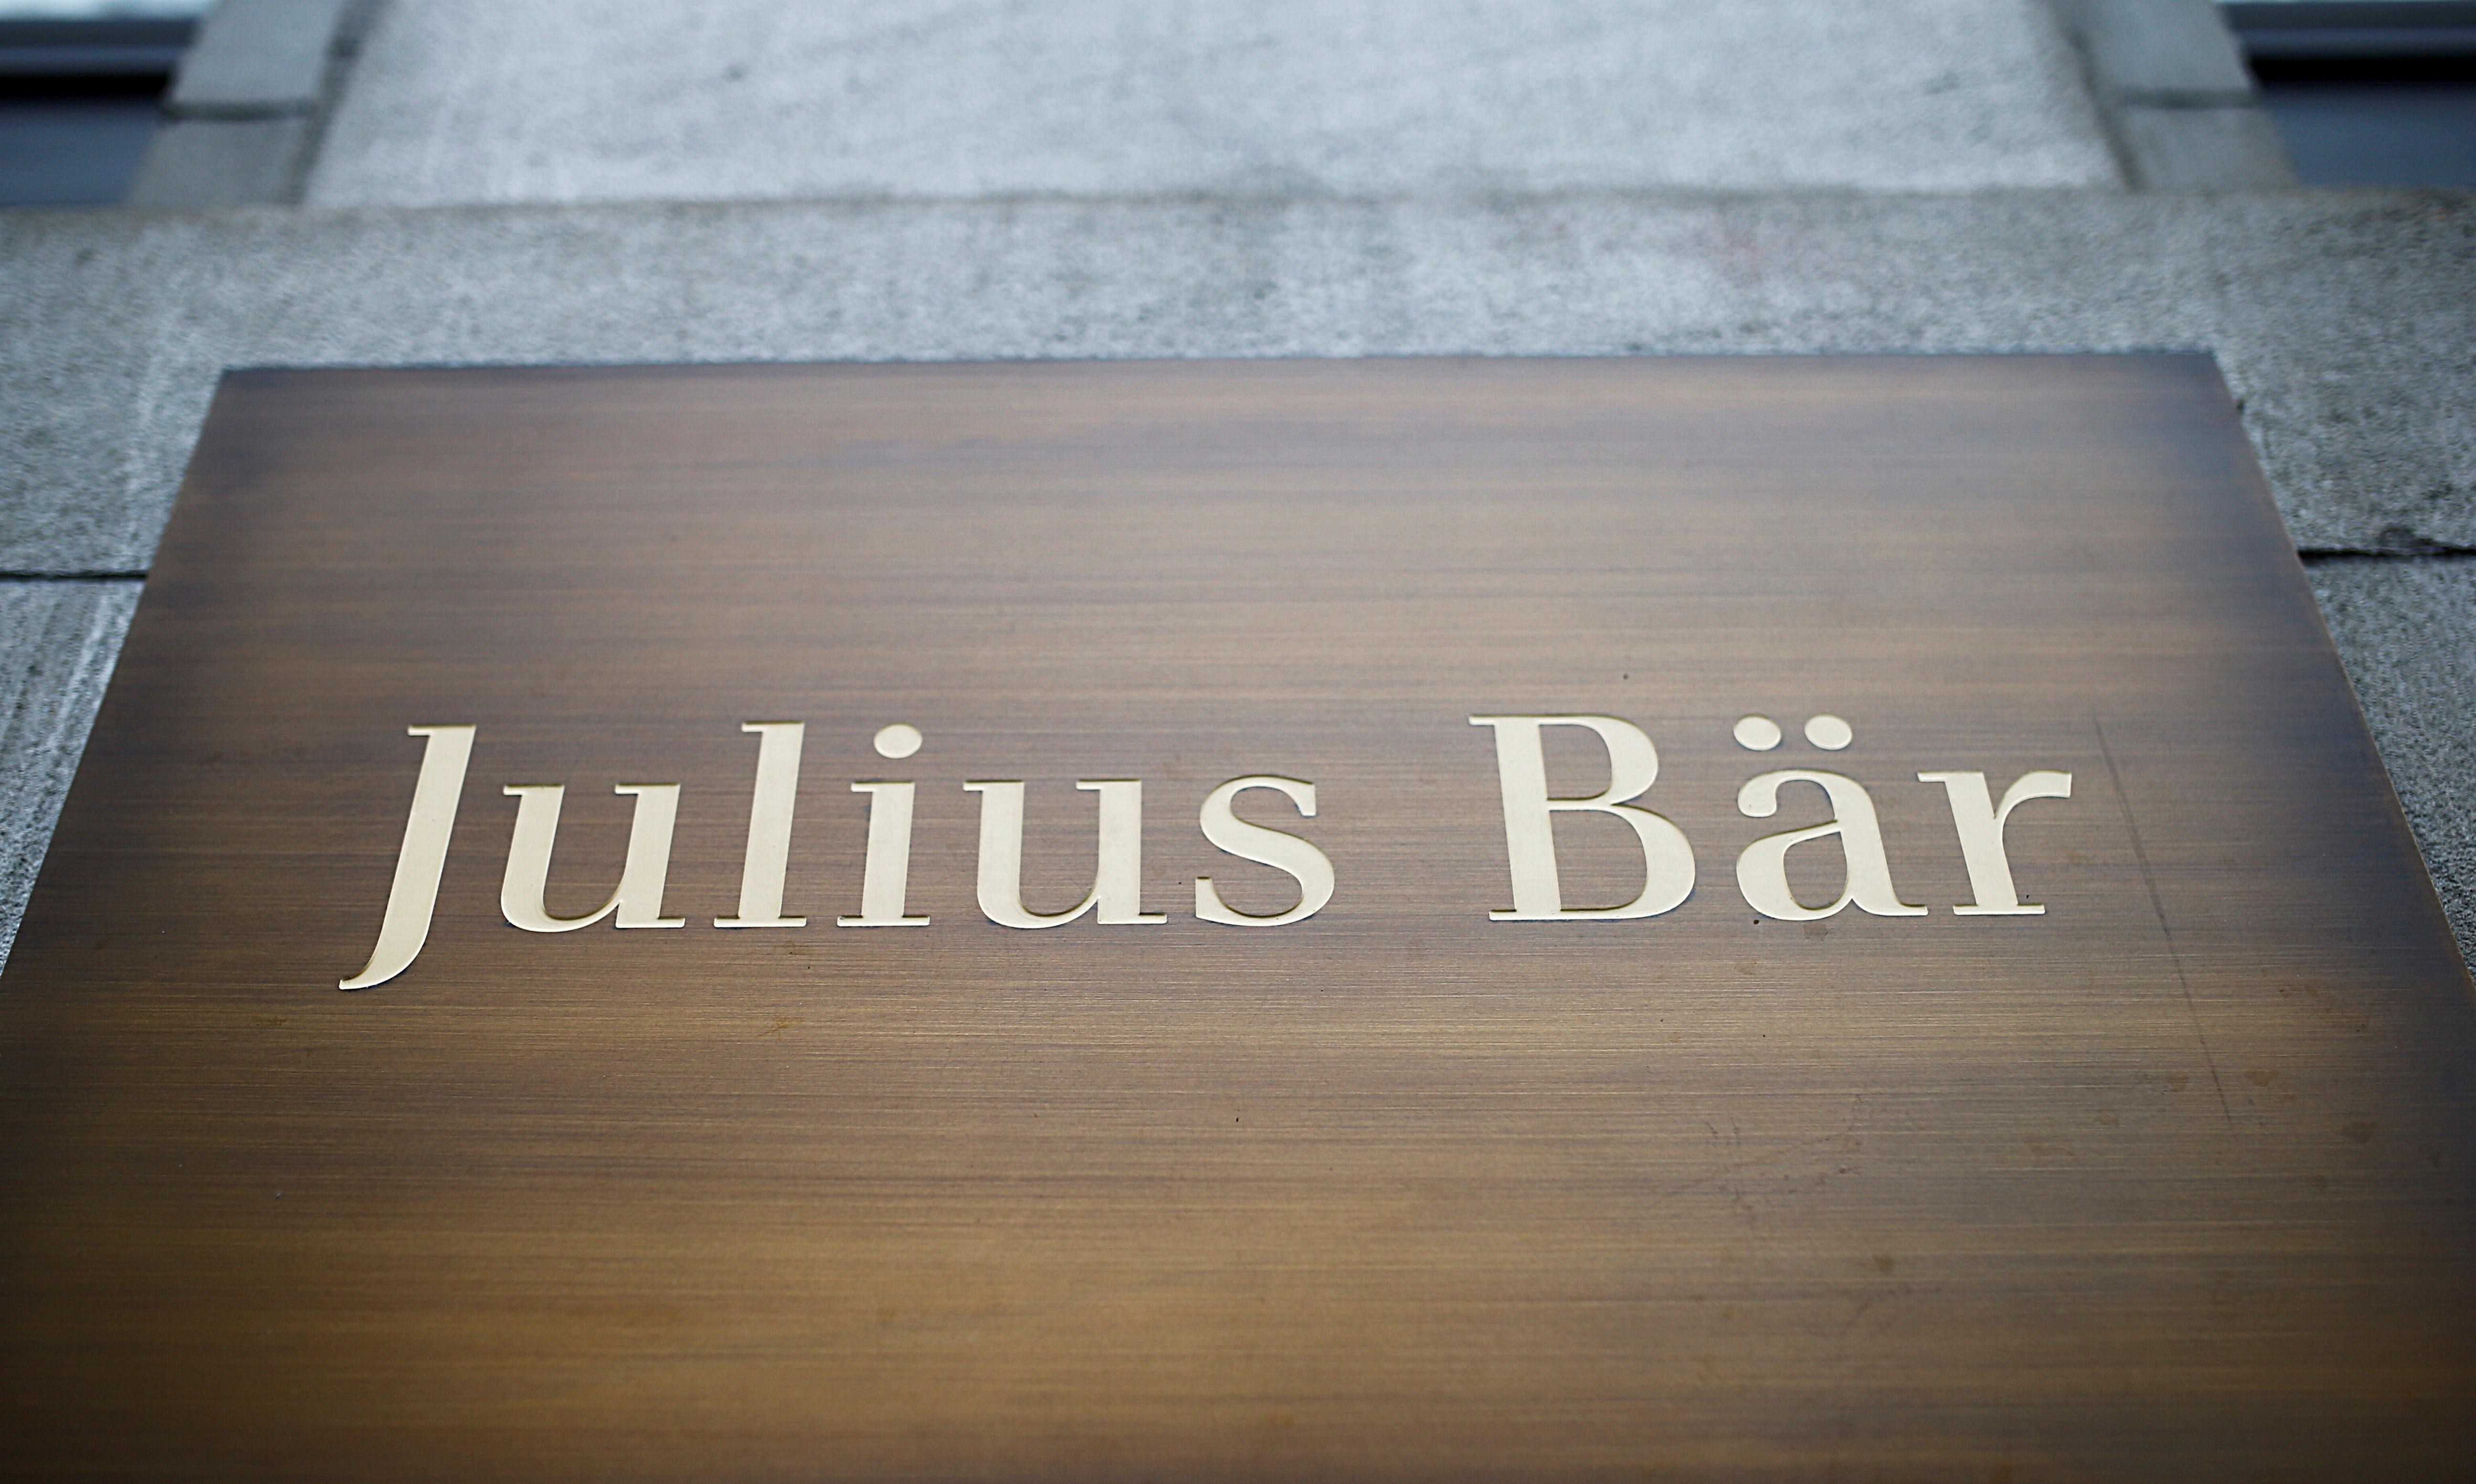 Das Logo der Schweizer Privatbank Julius Bär ist am 1. Februar 2021 in einer Niederlassung in Zürich zu sehen. REUTERS / Arnd Wiegmann / File Photo